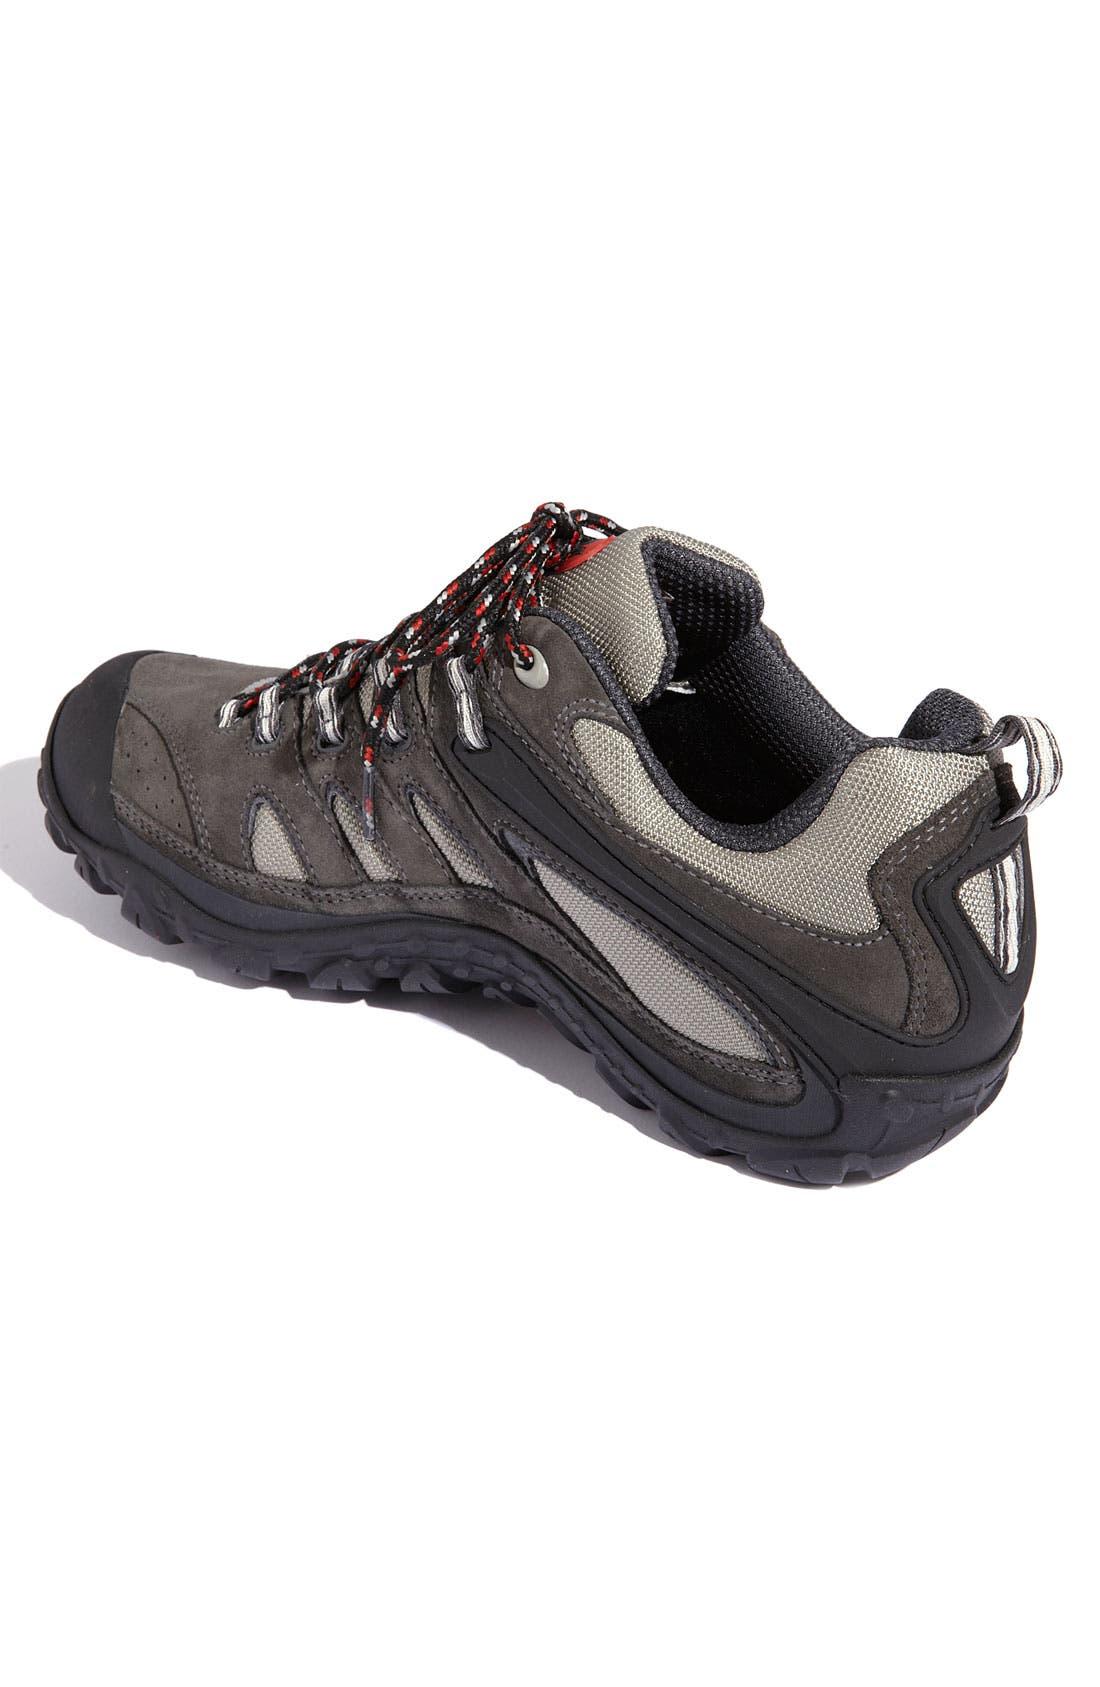 Alternate Image 2  - Merrell 'Chameleon 4 Ventilator GTX' Hiking Shoe (Men)